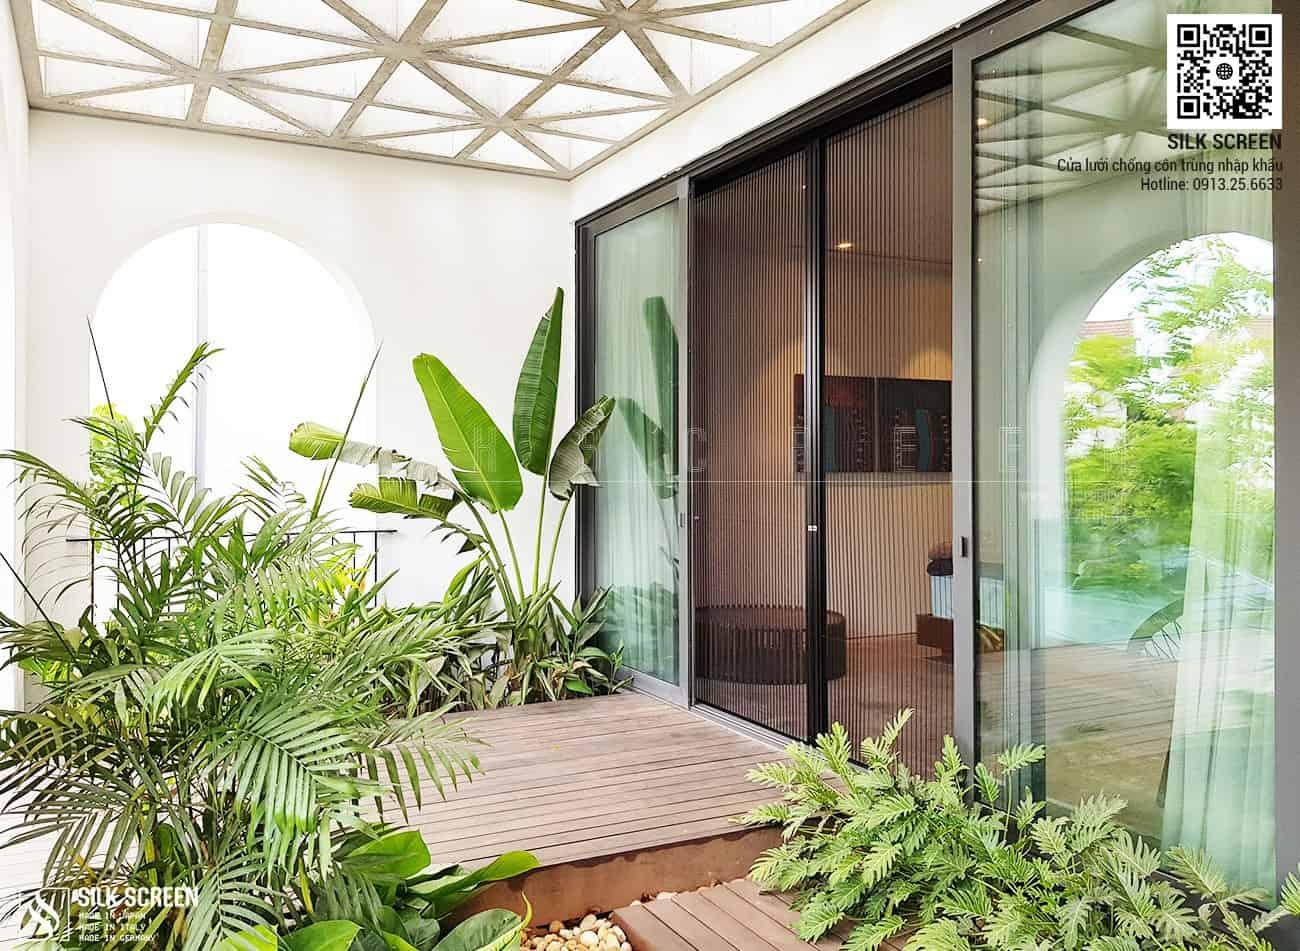 Cửa lưới chống muỗi nhập khẩu Nhật Bản - Biệt thự Anh Đào